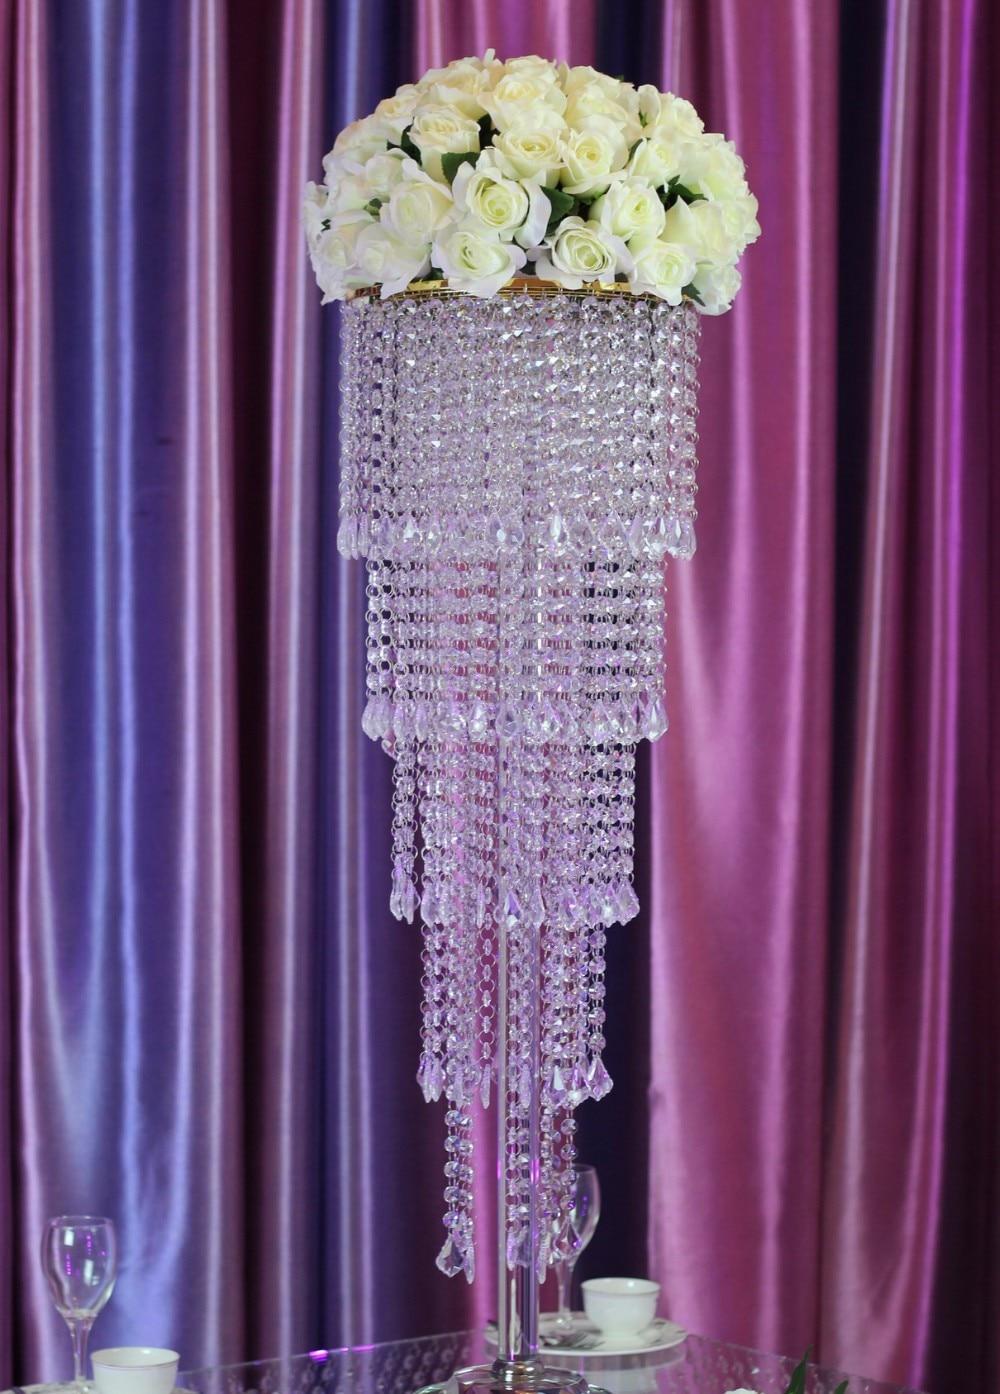 5 Ebenen K9 Kristall transparent Kristall Hochzeit Mittelstück / - Partyartikel und Dekoration